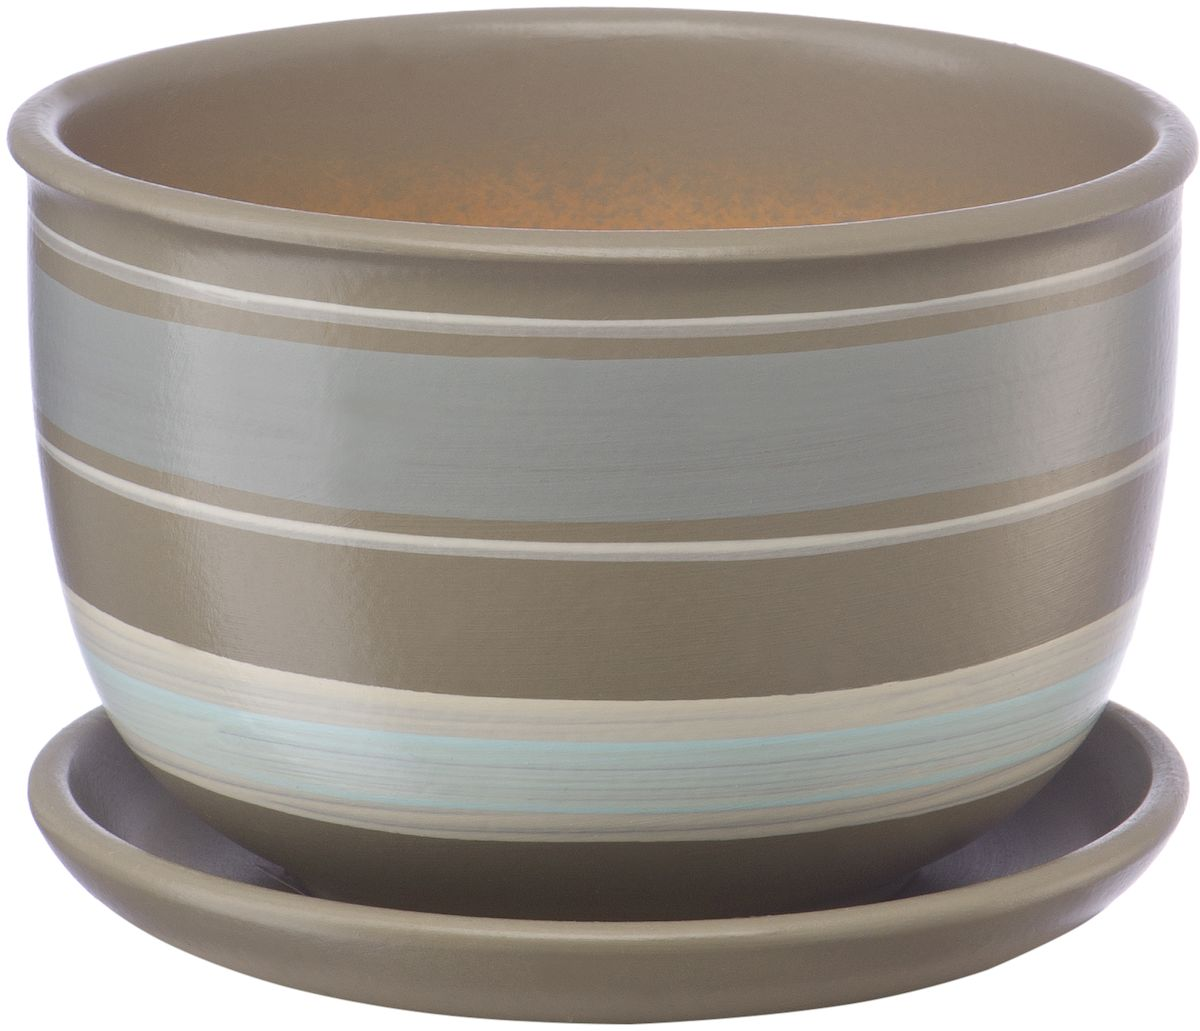 Горшок цветочный Engard, с поддоном, цвет: серый, белый, 0,5 лKOC_SOL249_G4Керамический горшок - это идеальное решение для выращивания комнатных растений и создания изысканности в интерьере. Керамический горшок сделан из высококачественной глины в классической форме и оригинальном дизайне.